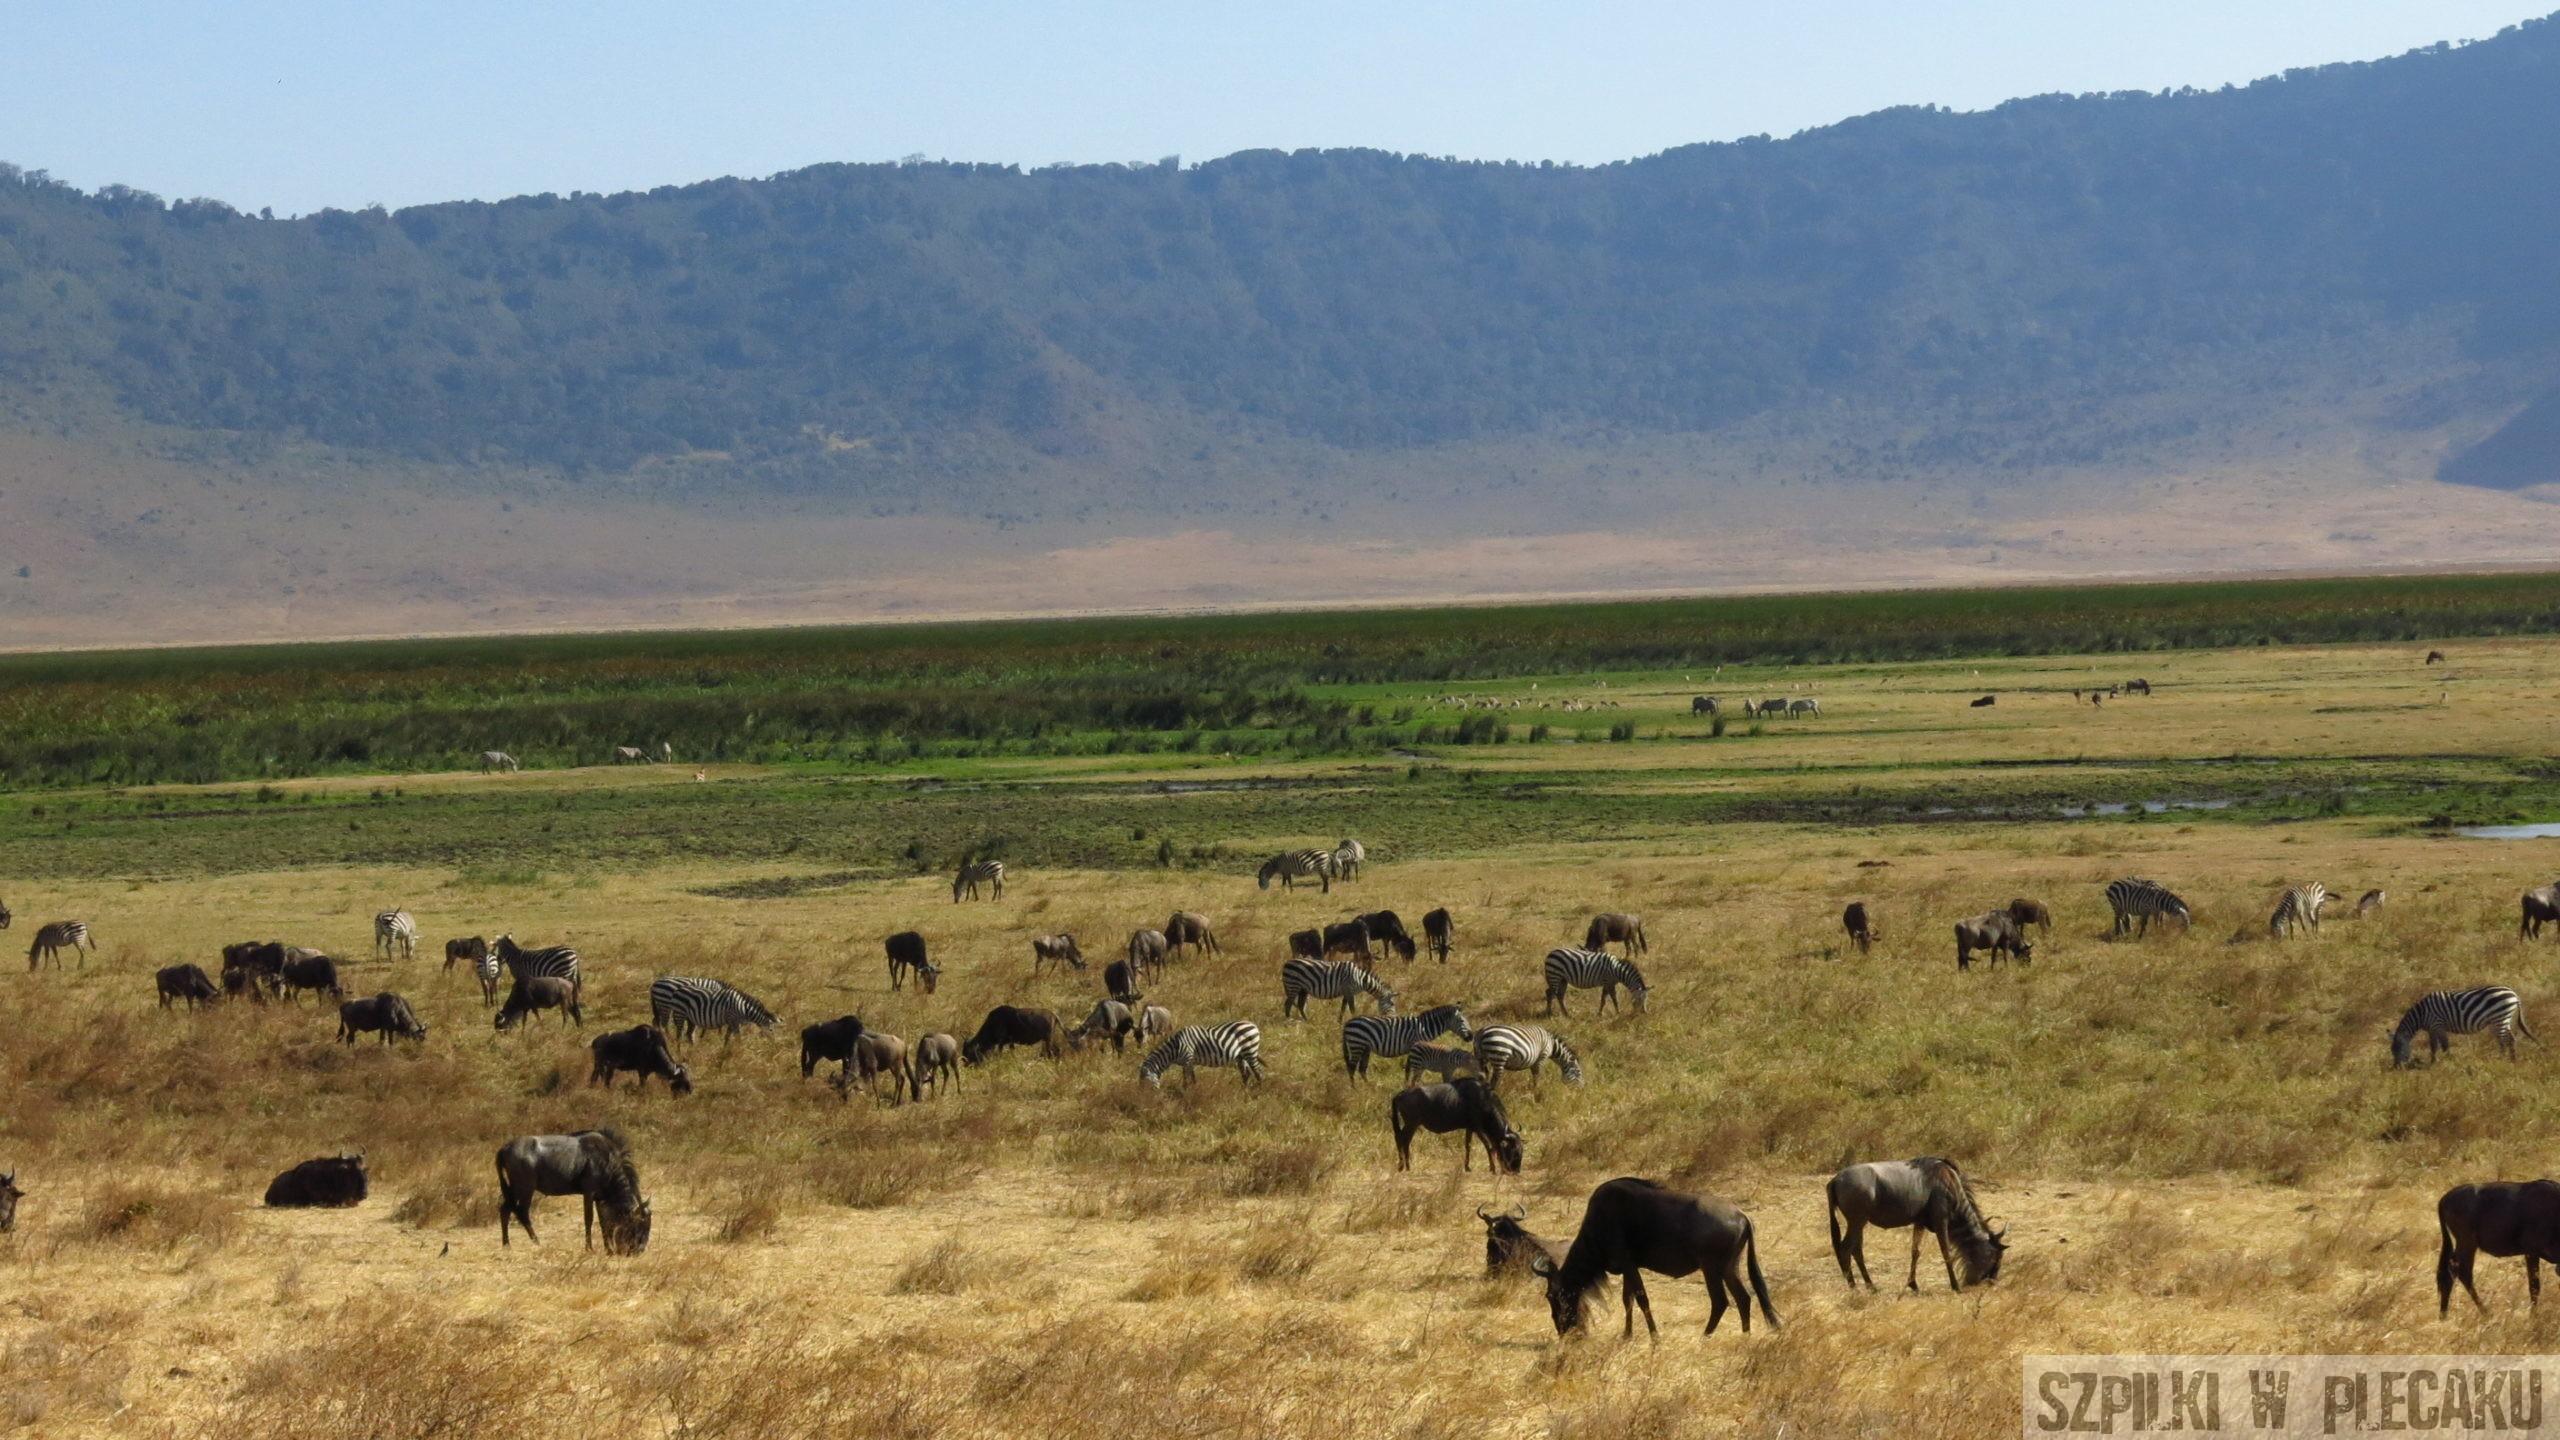 Ngorongoro - Tanzania - Szpilki w plecaku (2)